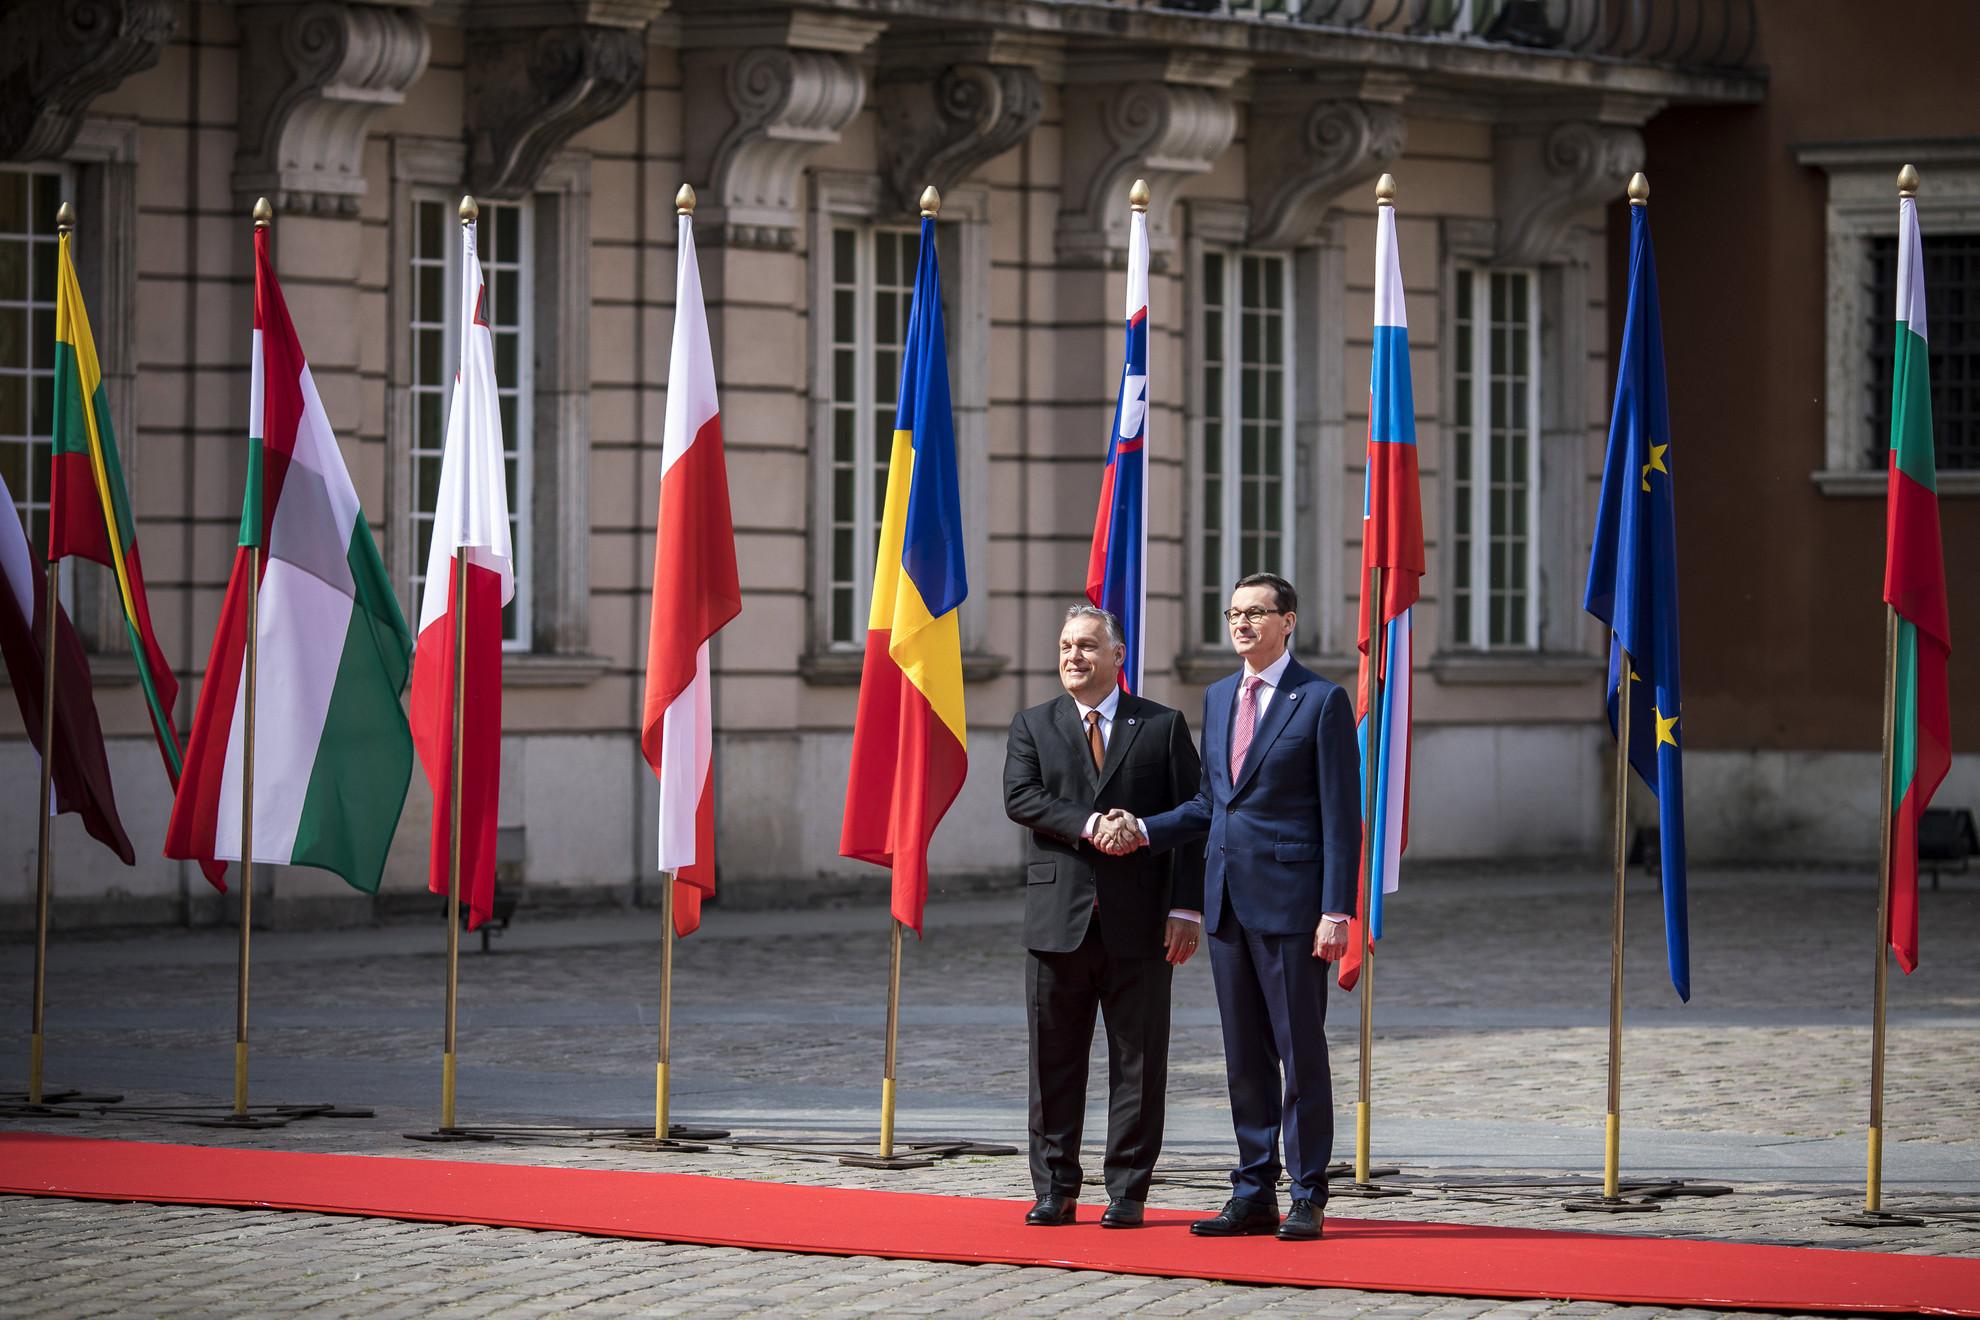 A Miniszterelnöki Sajtóiroda által közreadott képen Orbán Viktor miniszterelnököt (b) fogadja Mateusz Morawiecki lengyel miniszterelnök az Európai Unióhoz 2004-ben csatlakozott országok, valamint az azóta belépett Románia, Bulgária és Horvátország varsói csúcstalálkozóján